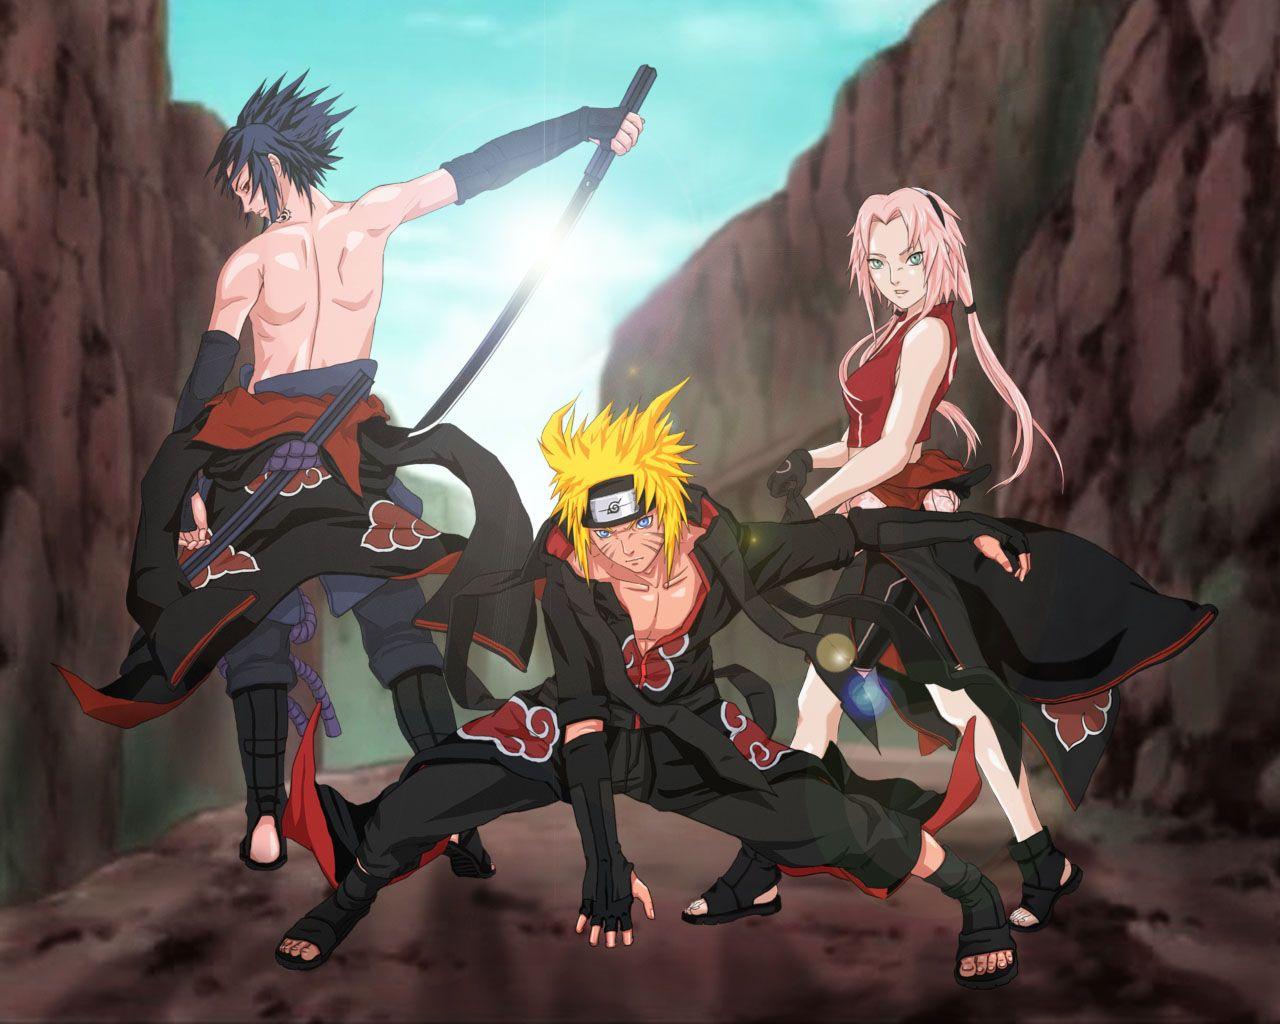 Fantastic Wallpaper Naruto Love - 0c88a2ee813ca2e8e72be595e41e38a6  Collection_35999.jpg